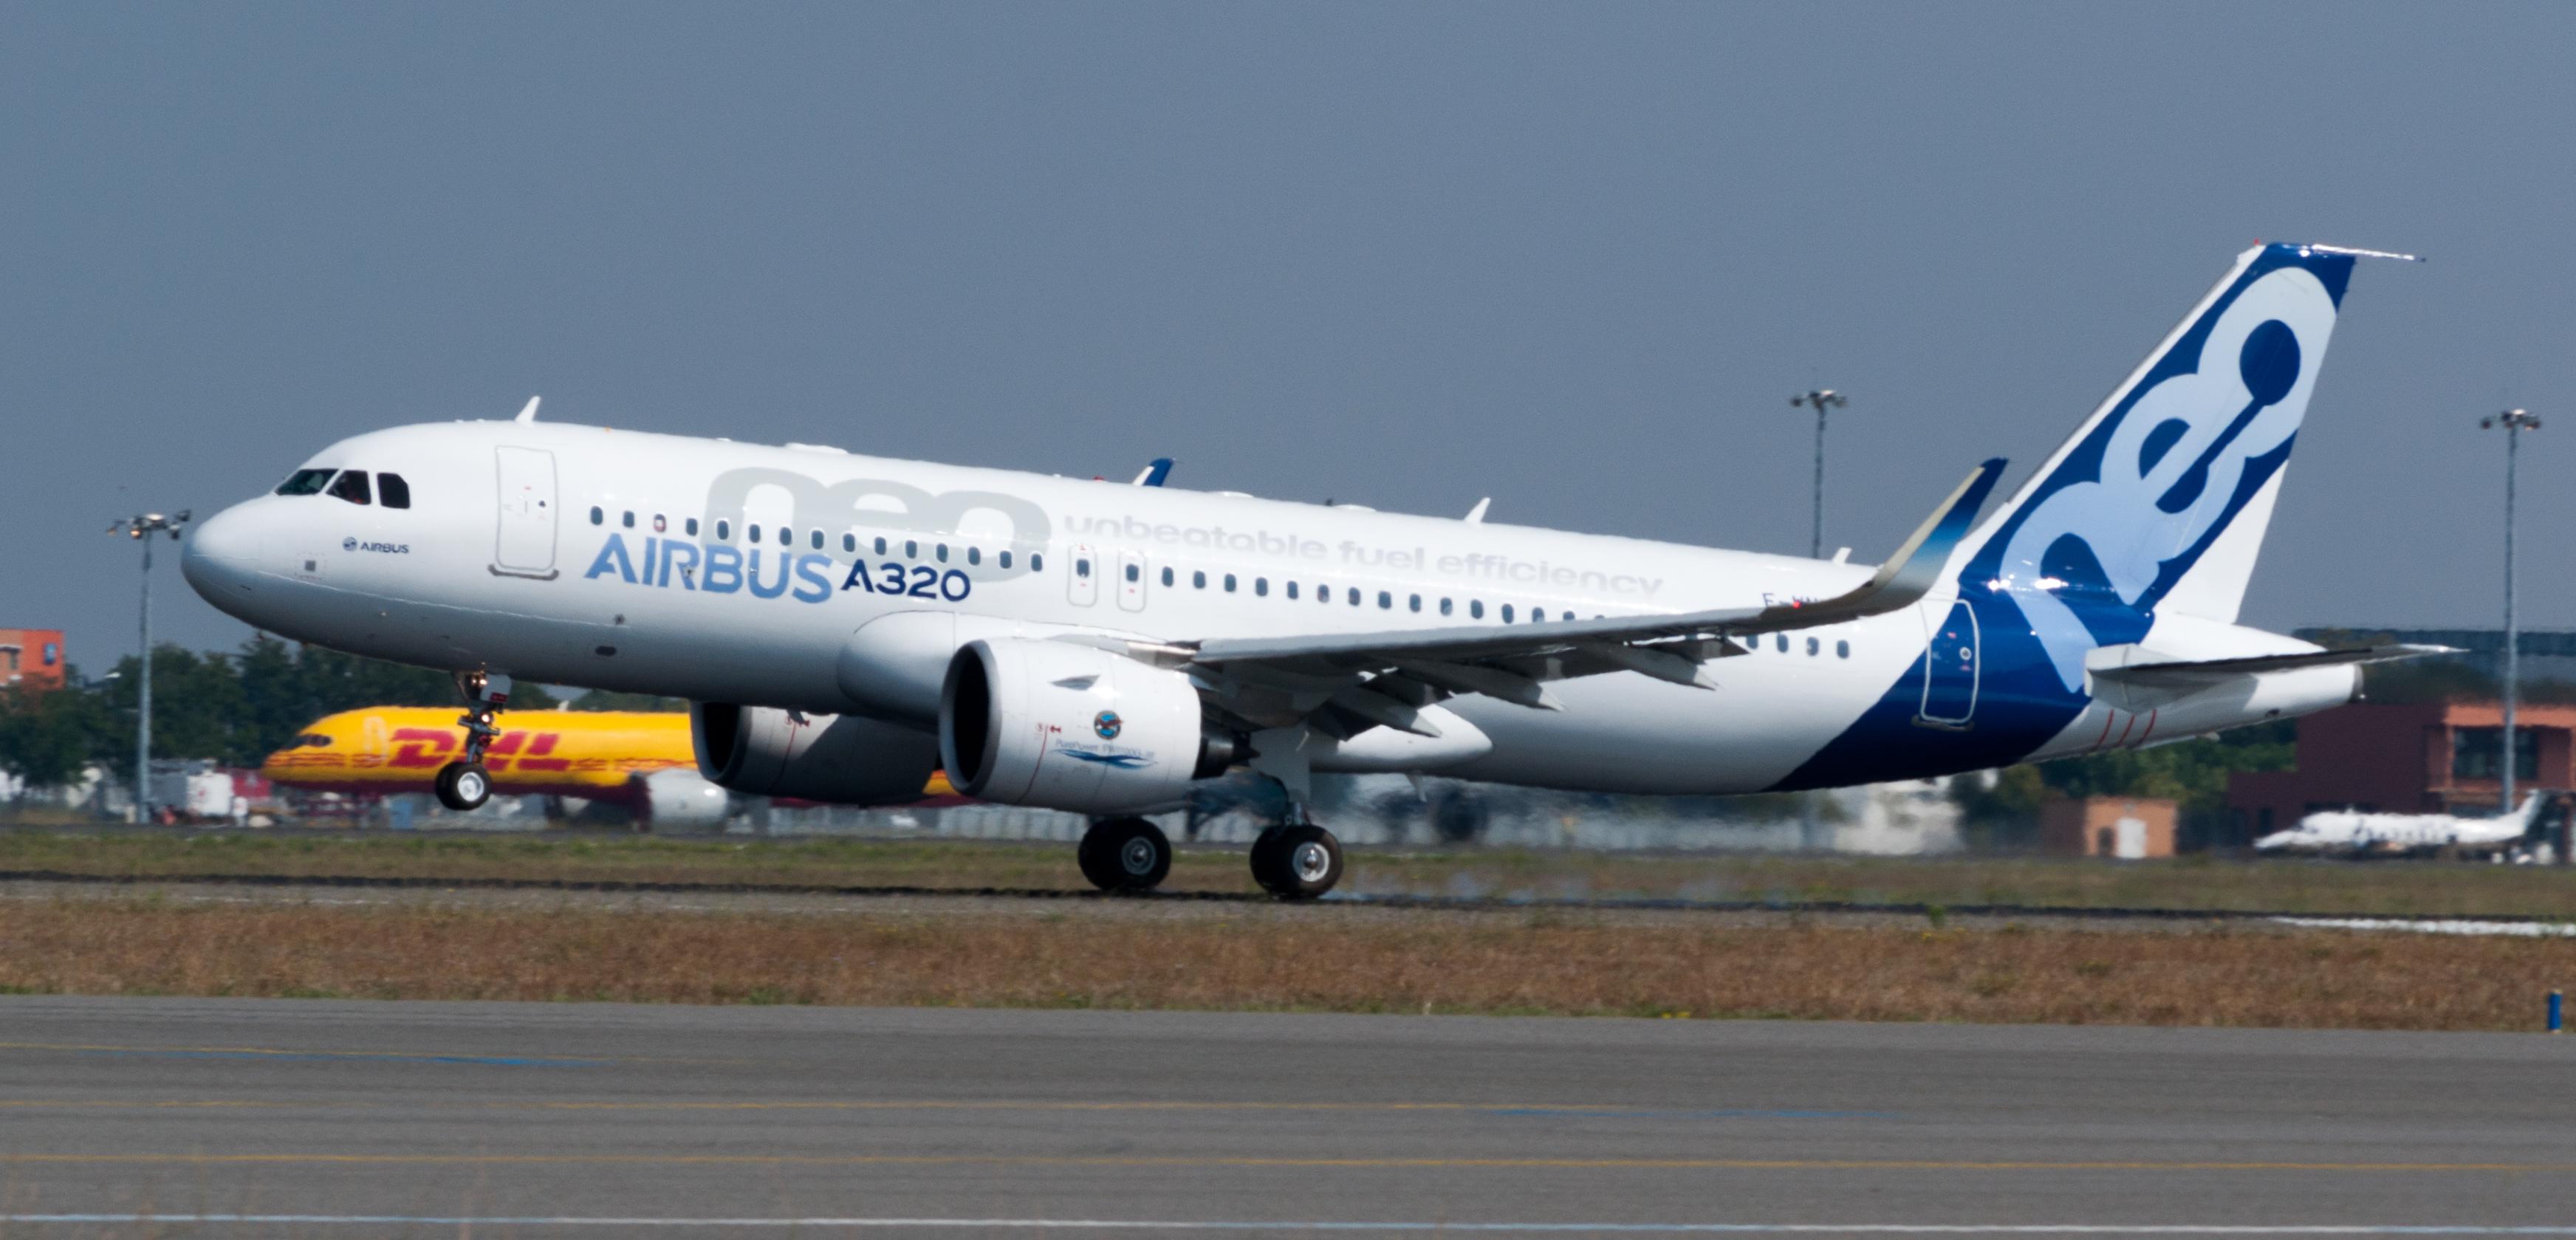 Bildresultat för airbus aircraft